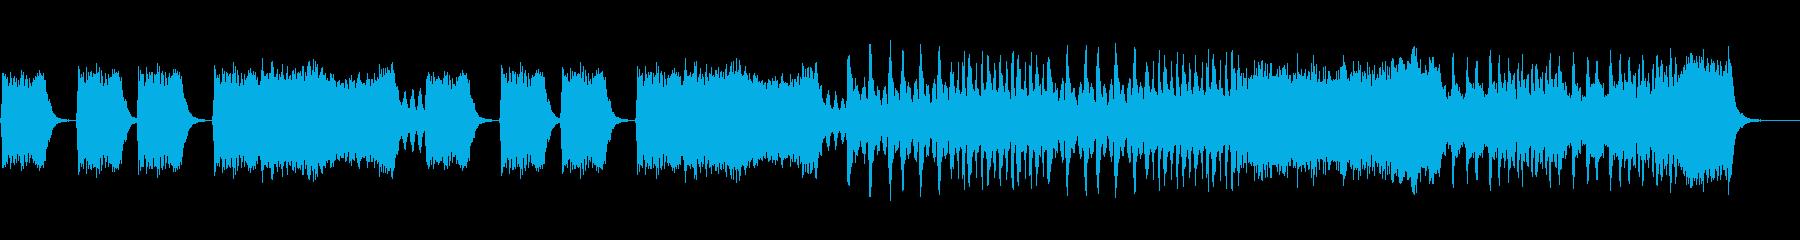 緊迫感のある弦楽曲です。の再生済みの波形